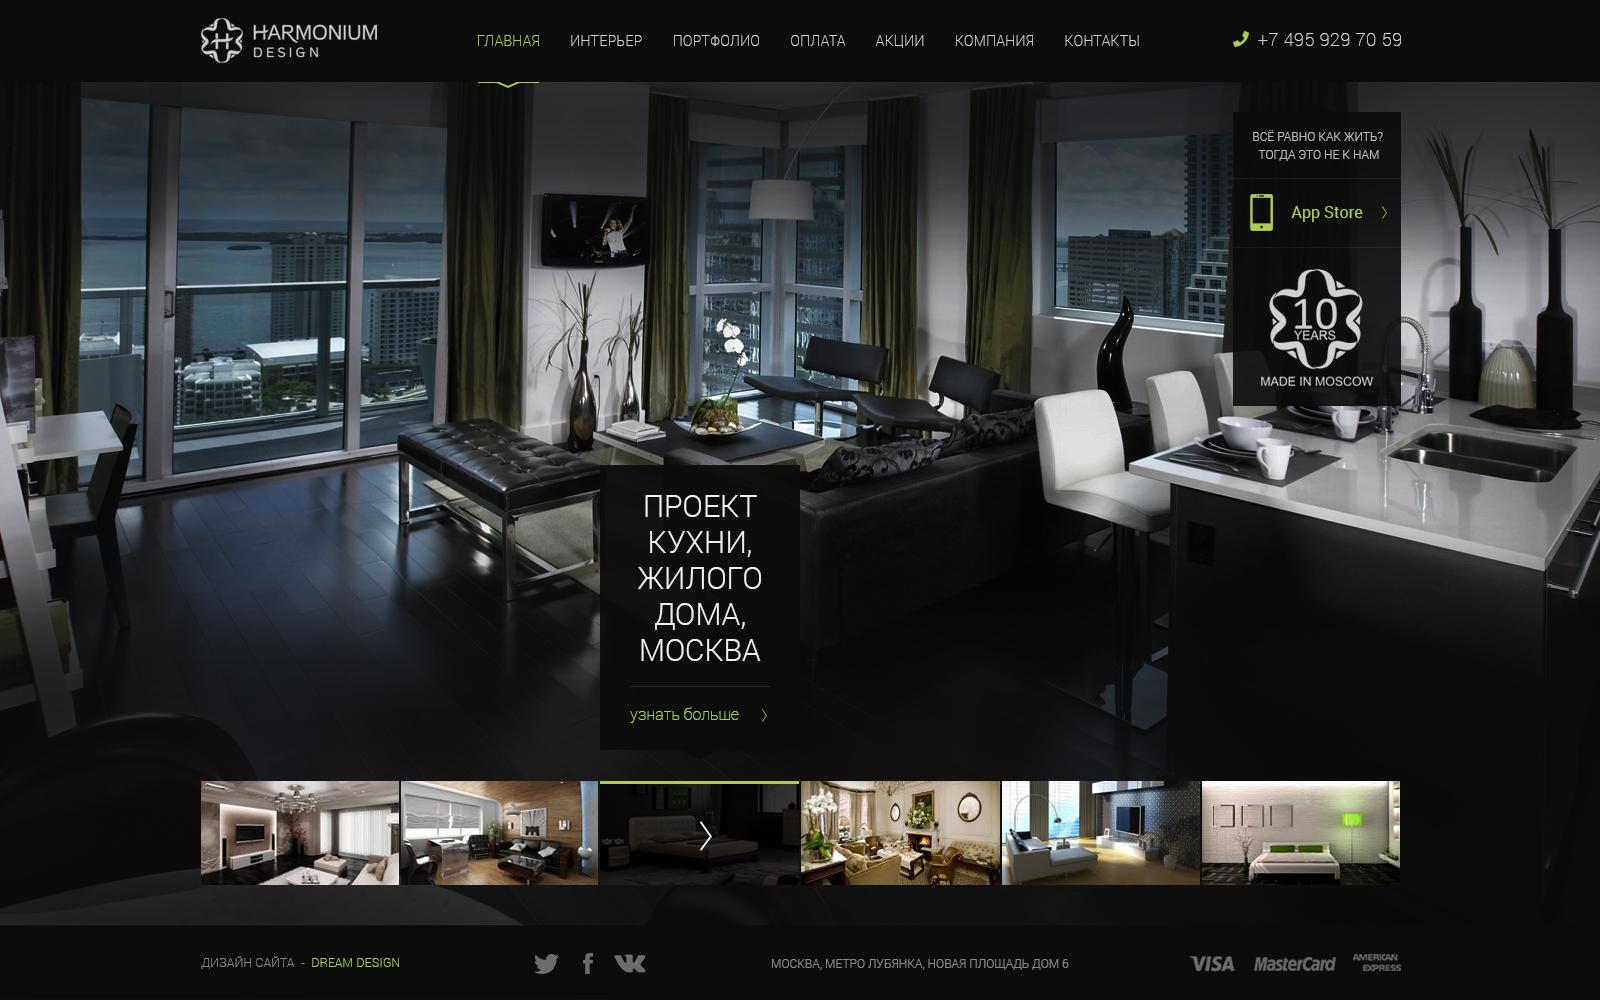 Harmonium Design Moscow - дизайн интерьеров